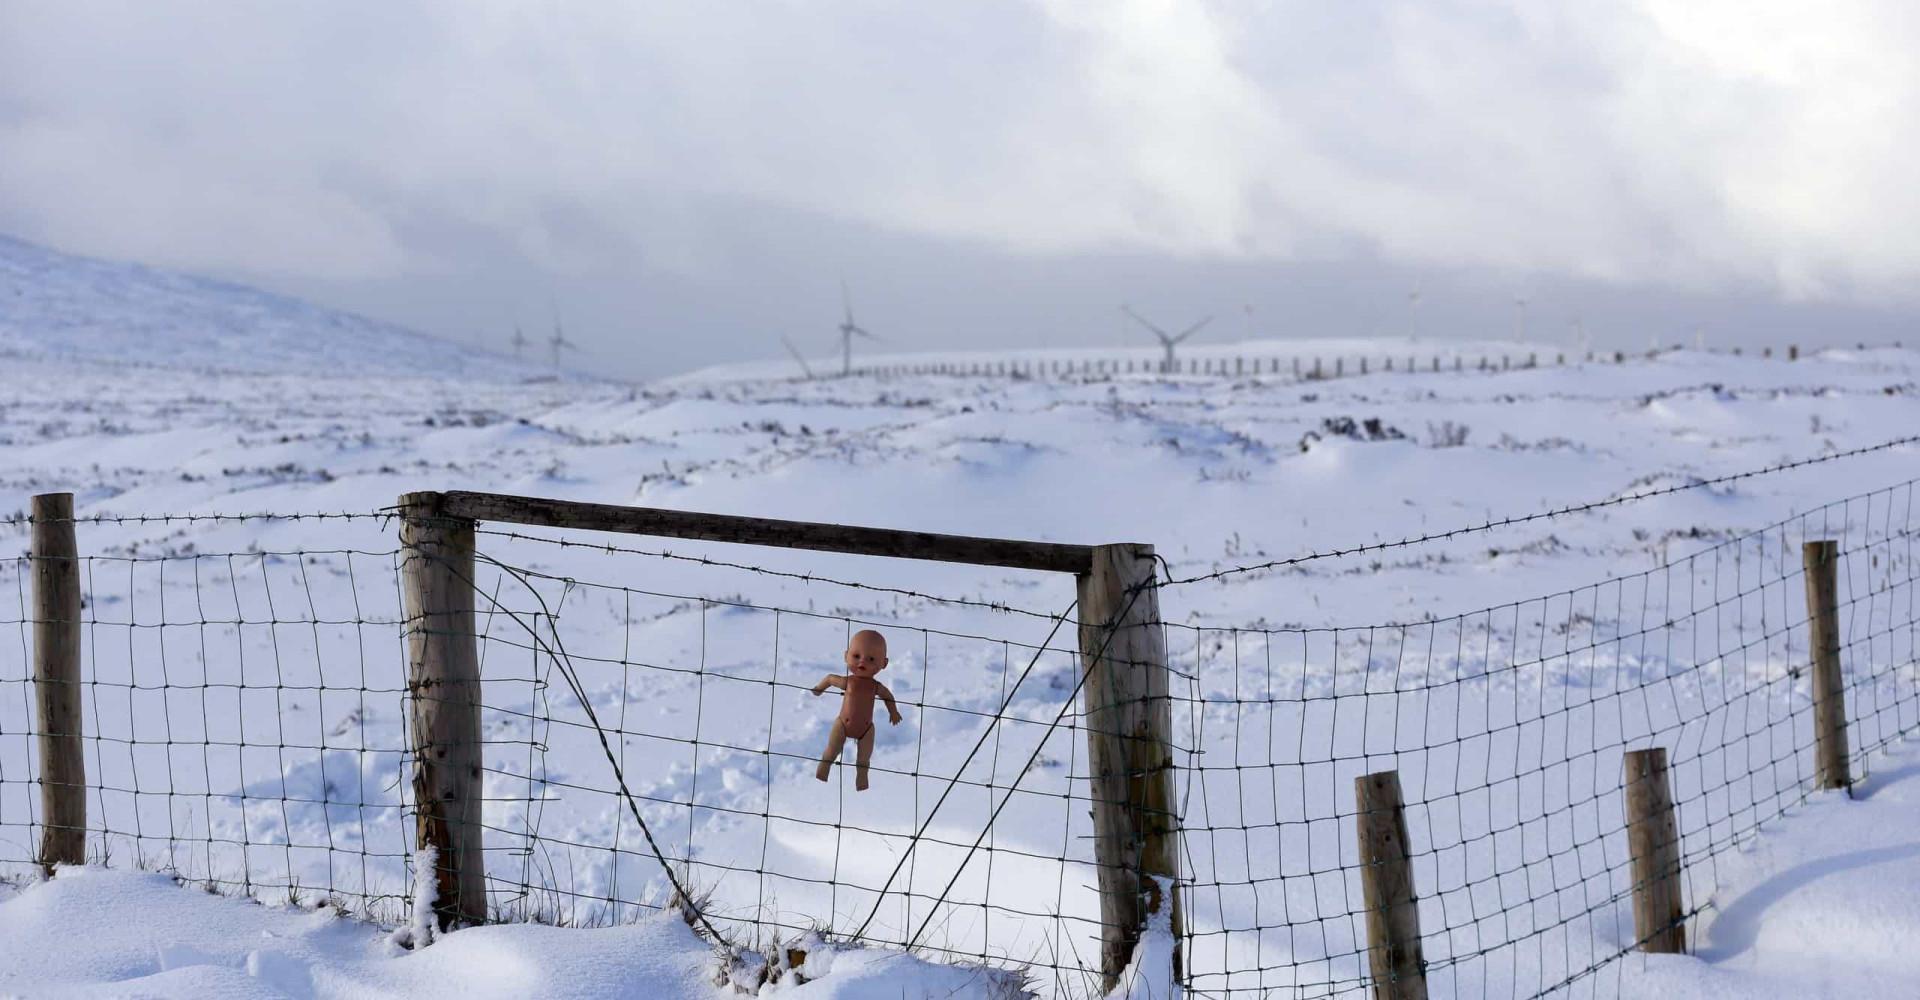 Images hantées de poupées abandonnées